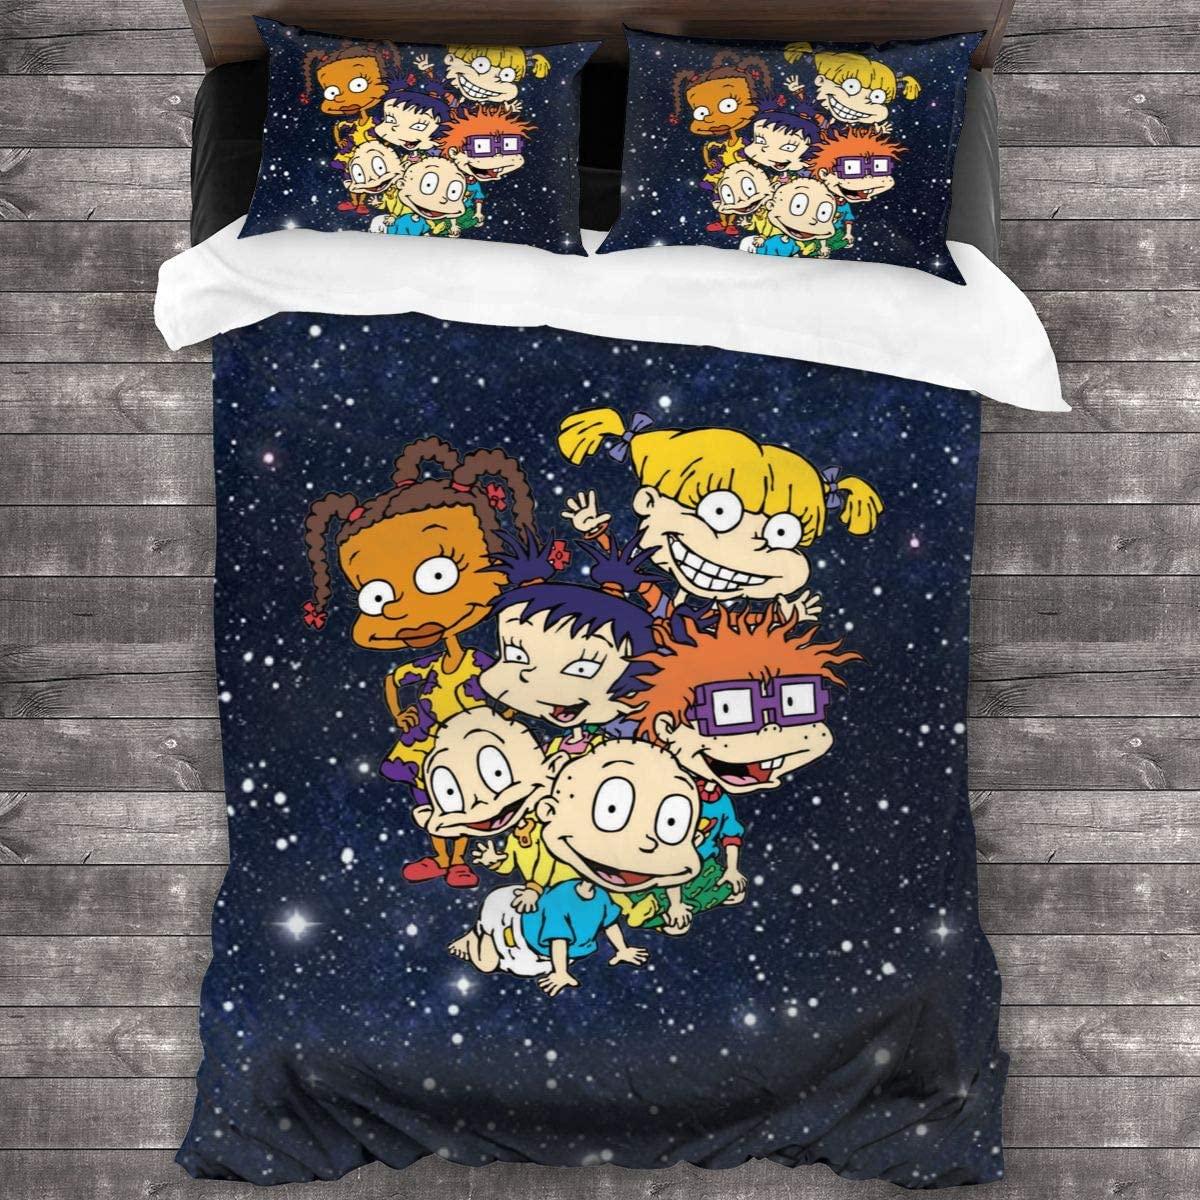 3 قطعة طباعة الفراش Rugrats حاف مجموعة غطاء لينة (لا المعزي) طقم سرير (1 حاف الغطاء 2 وسادة شمس)